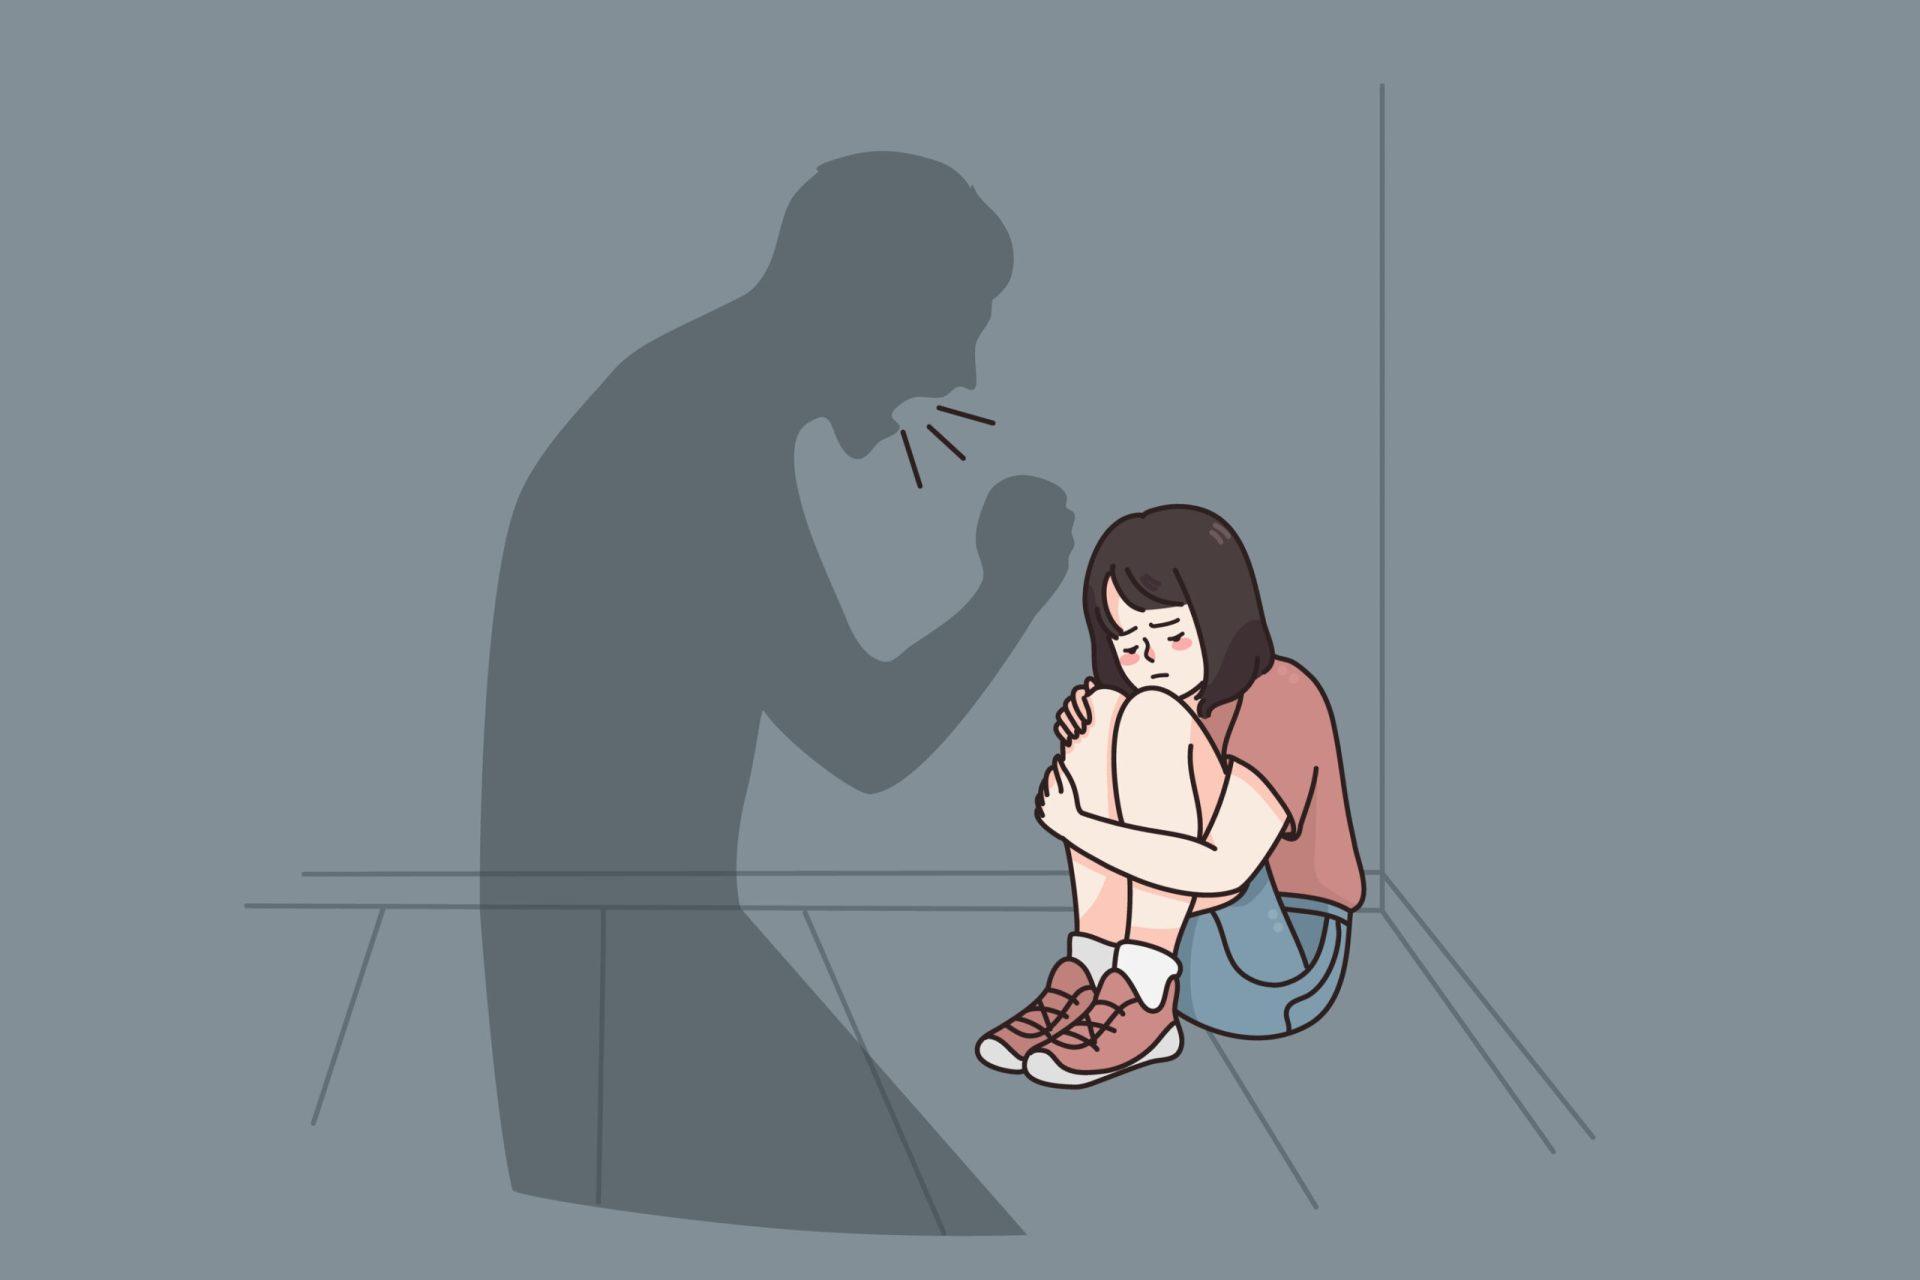 tată abuzându-și emoțional fiica